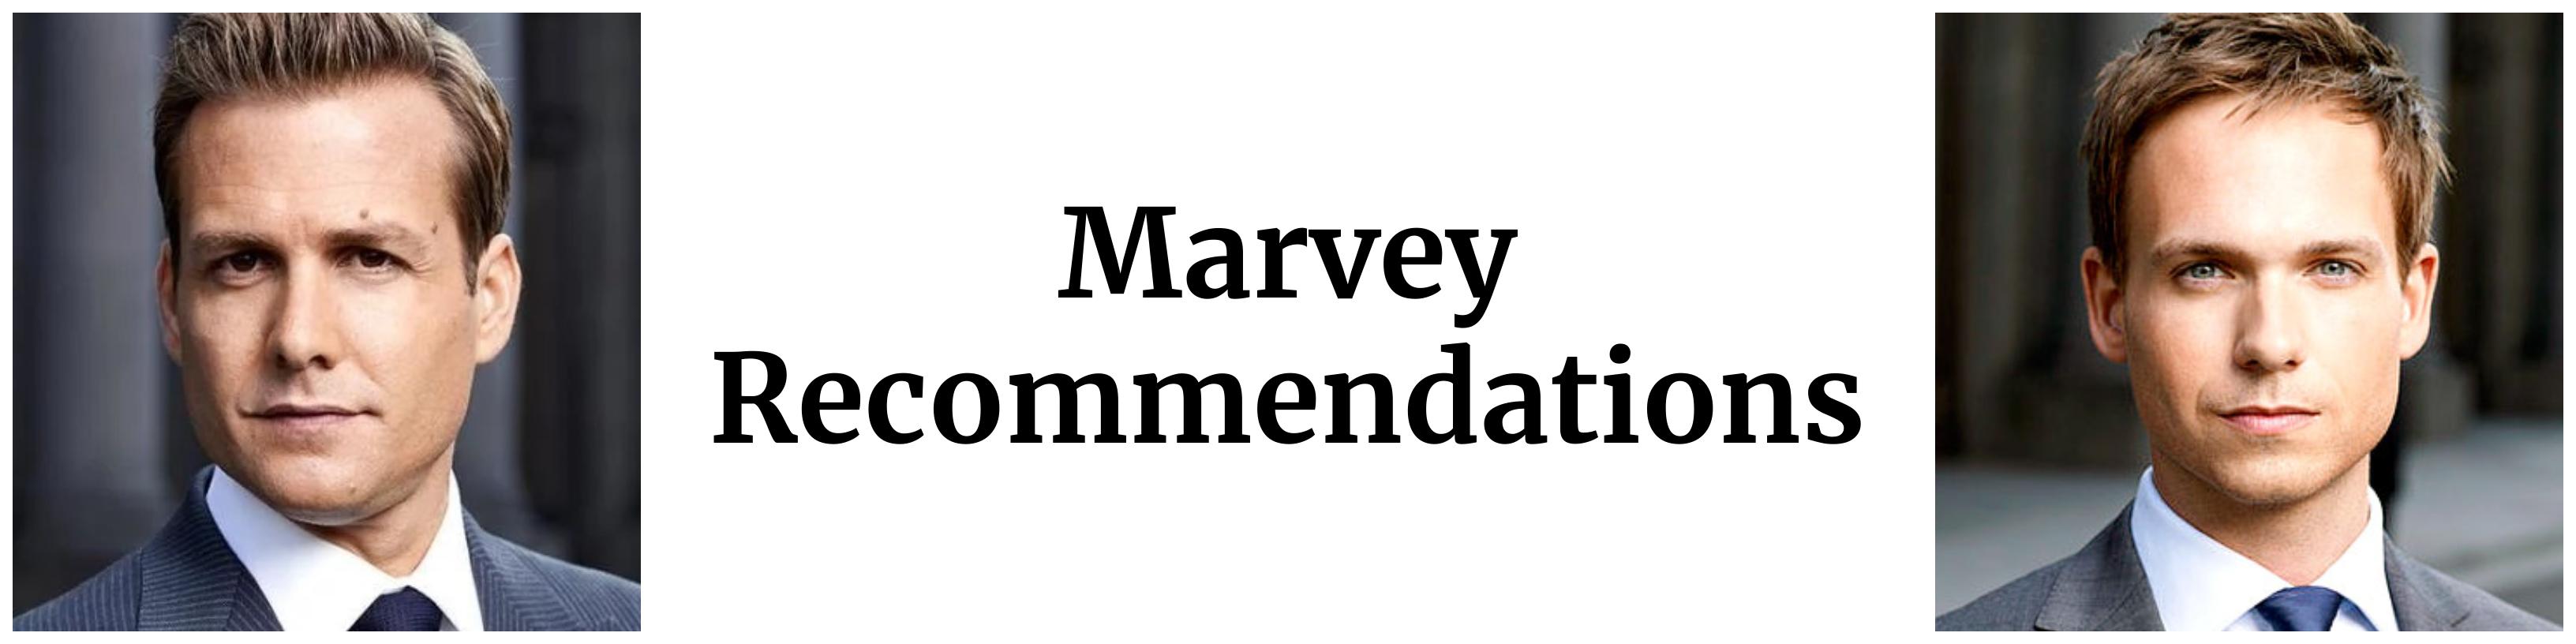 Marvey Banner